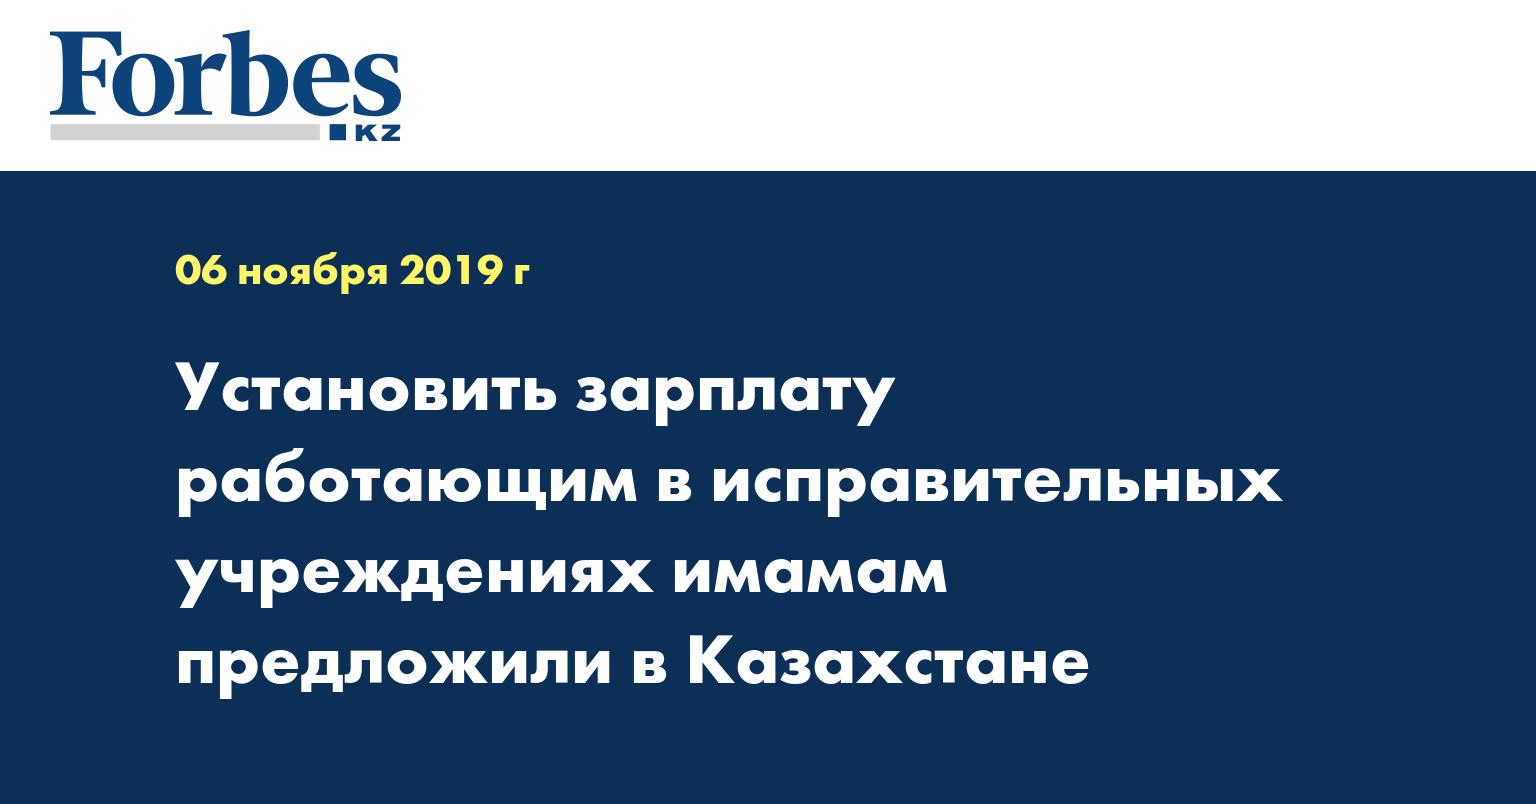 Установить зарплату работающим в исправительных учреждениях имамам предложили в Казахстане